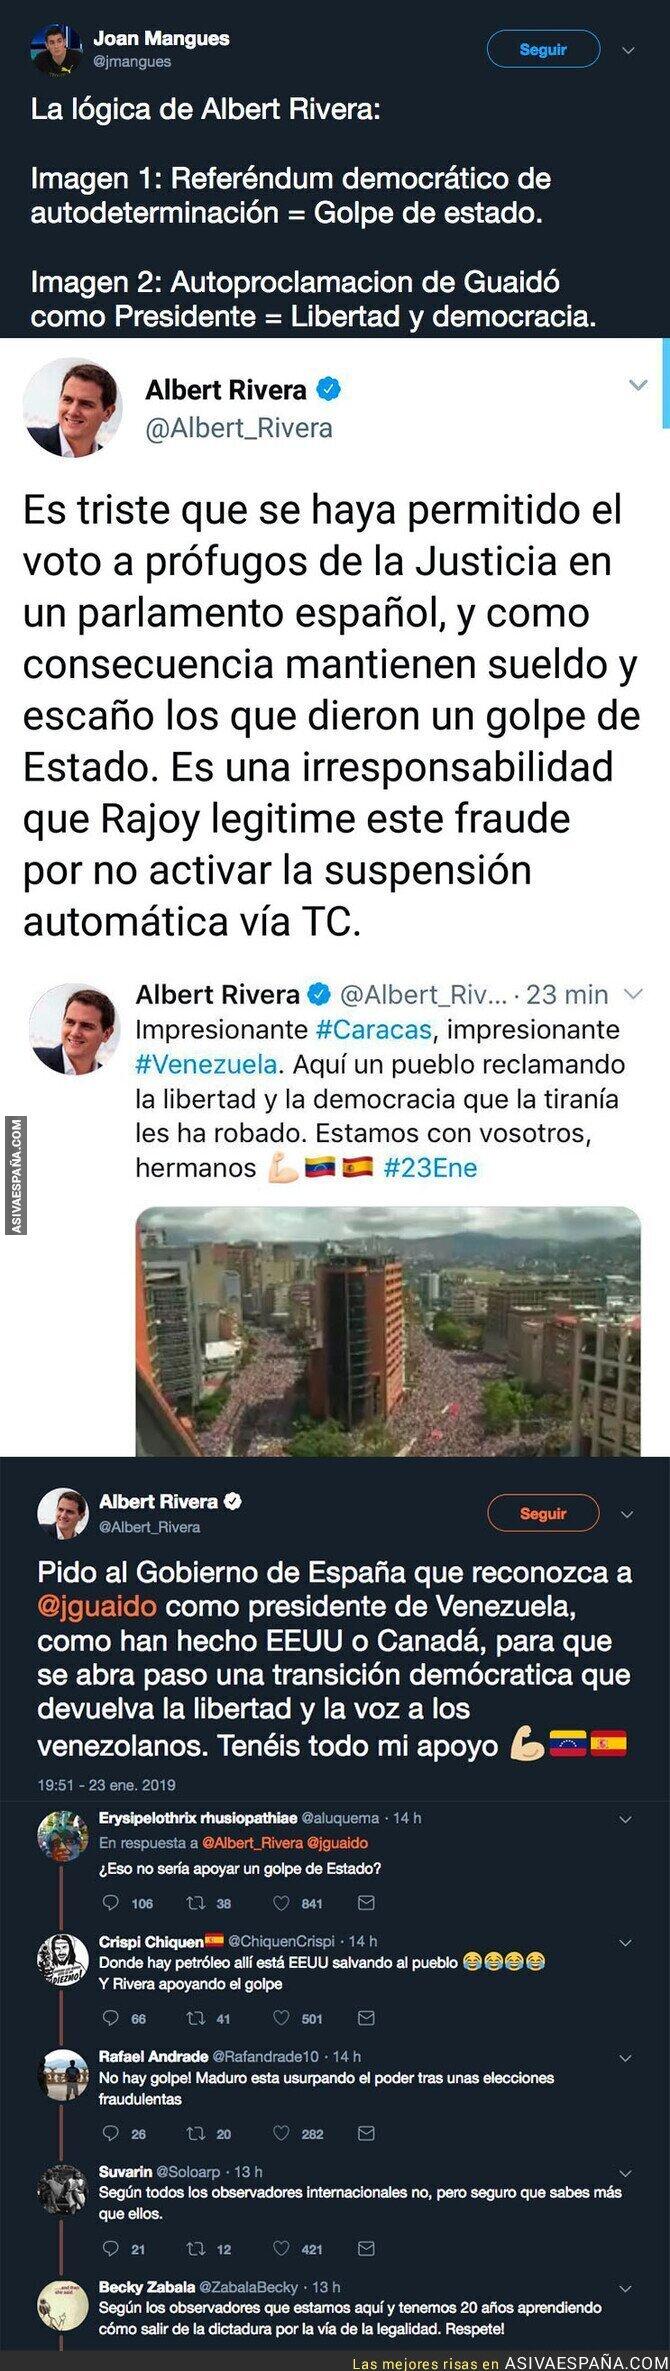 103237 - Albert Rivera apoyando un golpe de estado en Venezuela